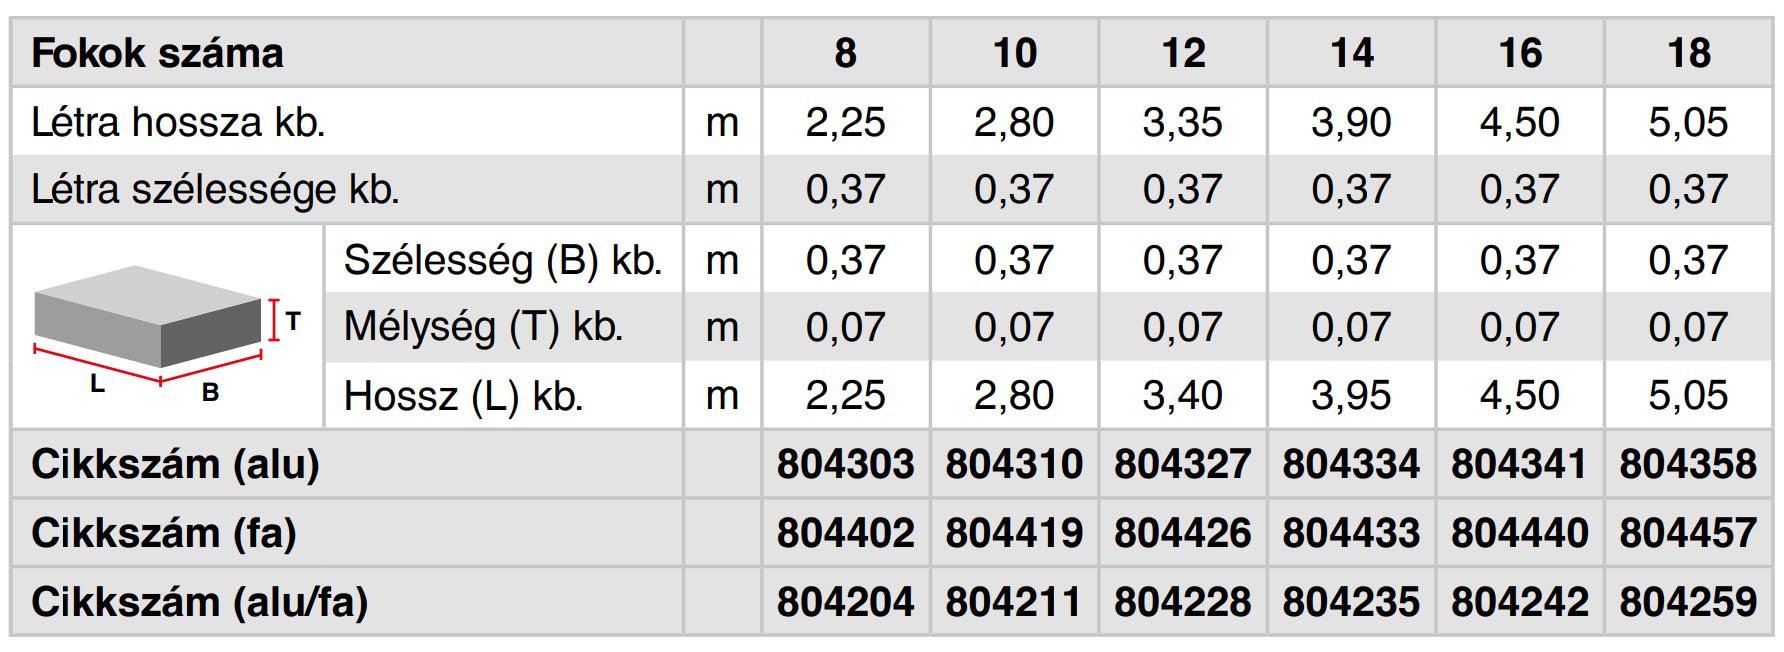 Krause tetőlétra és kéményseprő létra adatok